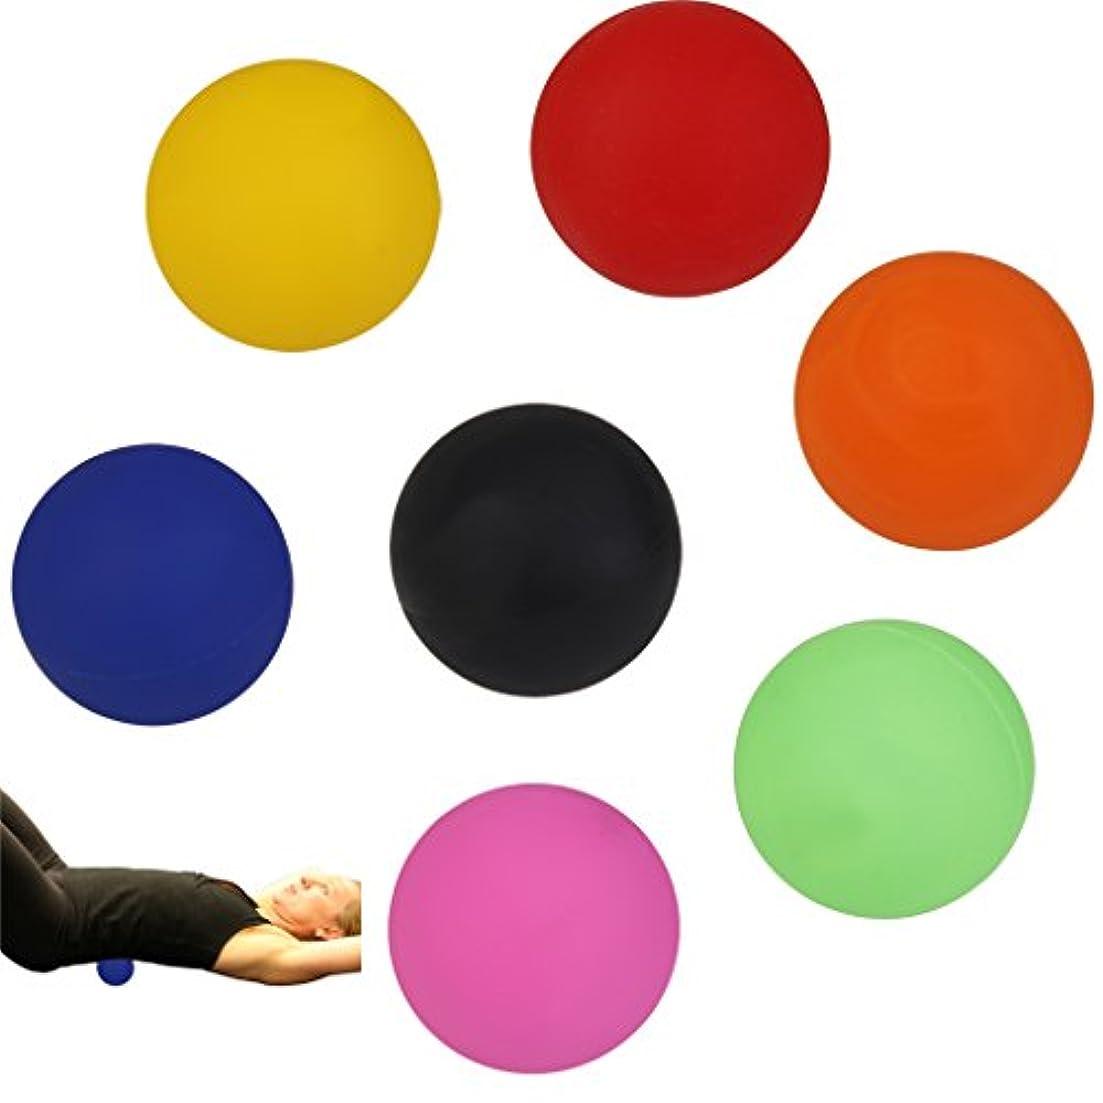 麻痺させる退屈な内陸Perfk 2個 手のひら 足 腕 首 背中 足首 ジム ホーム 運動 マッサージボール ラクロスマッサージボール 黒色